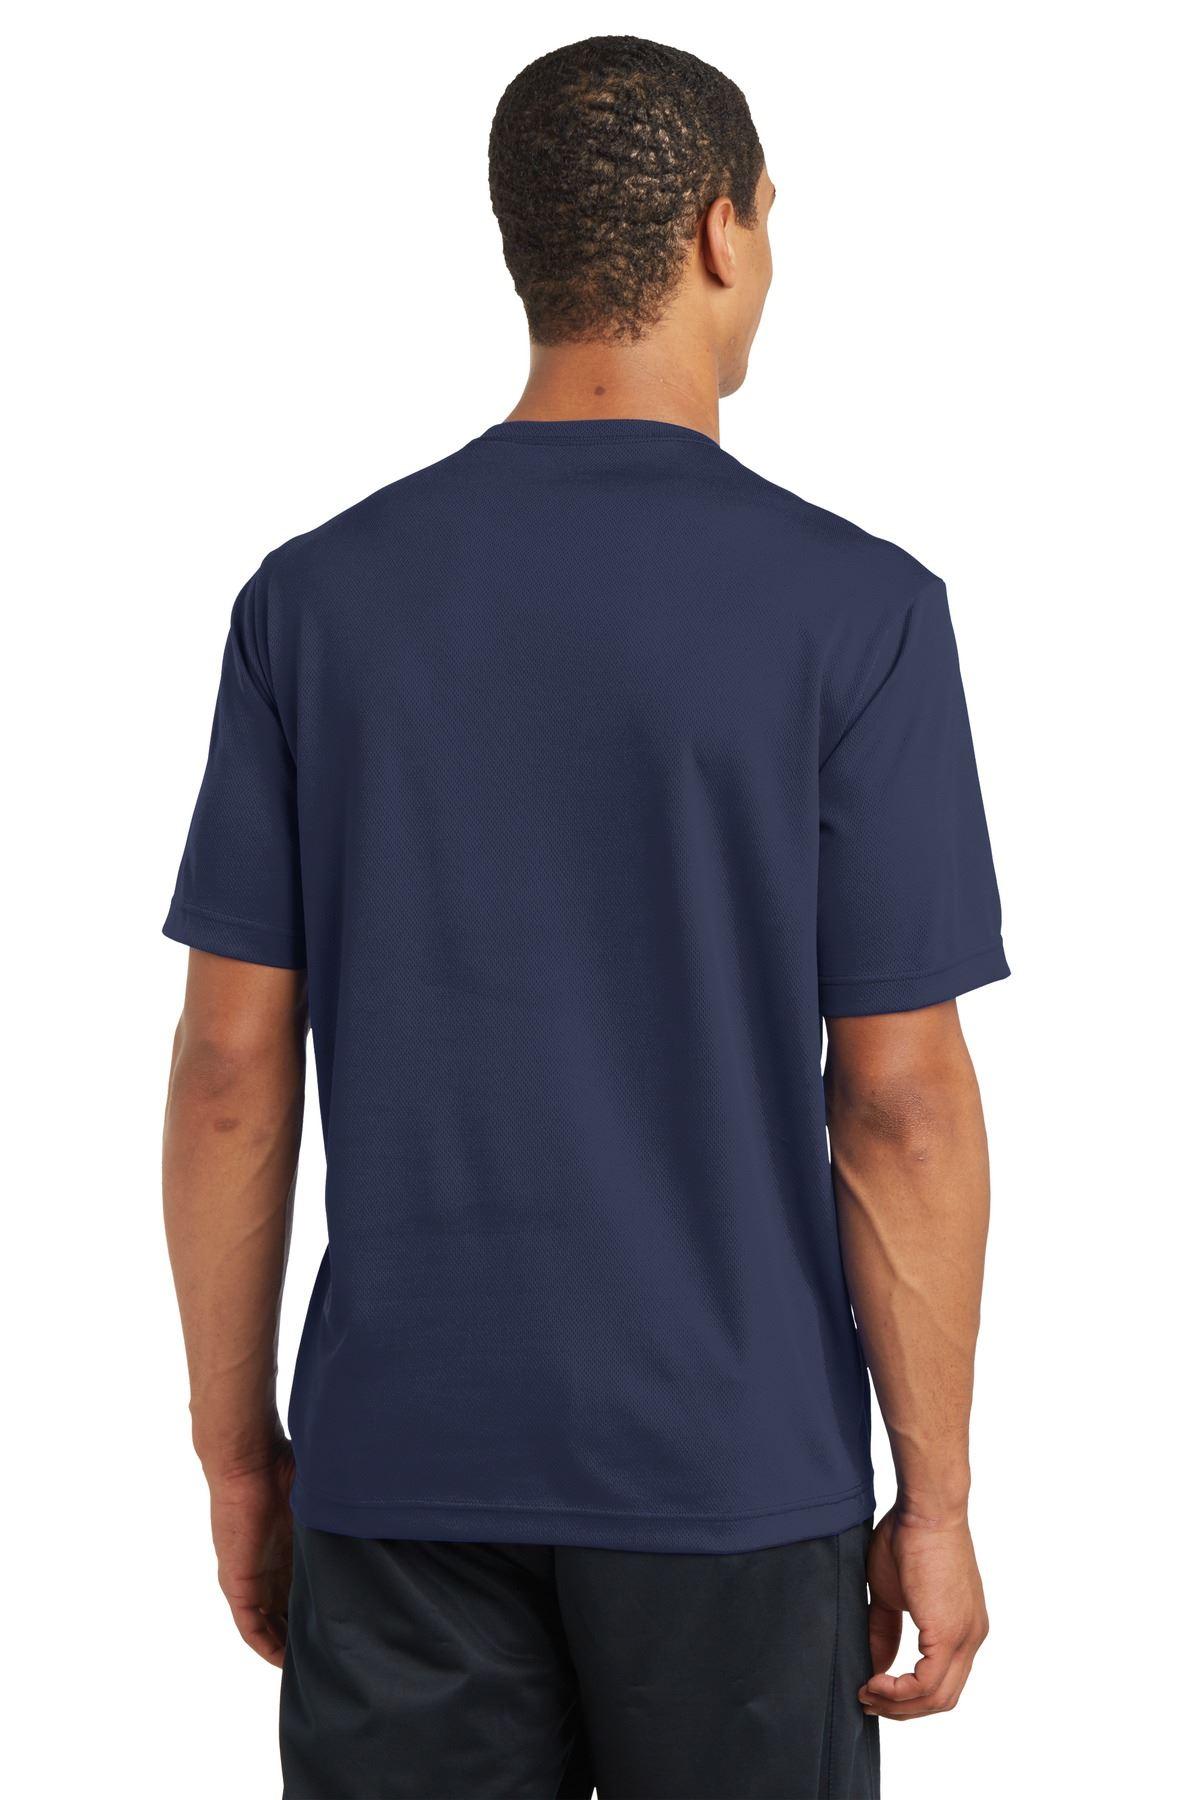 thumbnail 32 - Sport-Tek Men's Dry-Fit RacerMesh Moisture Wicking T-Shirt M-ST340